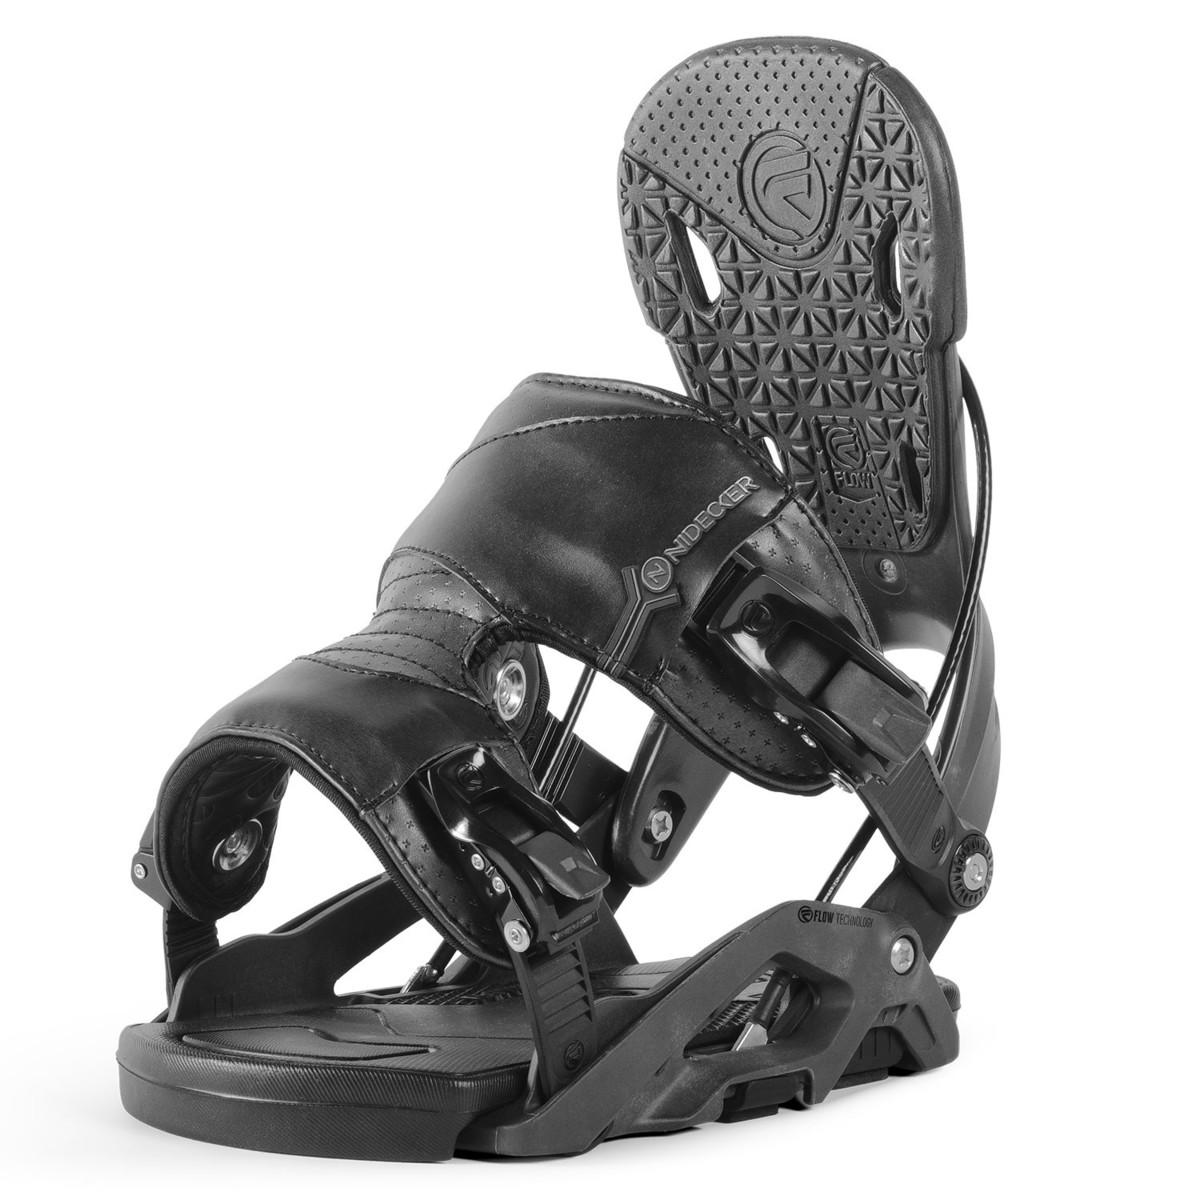 Snowboardové vázání Nidecker Nexus 17/18 černá L (EU 40-45)